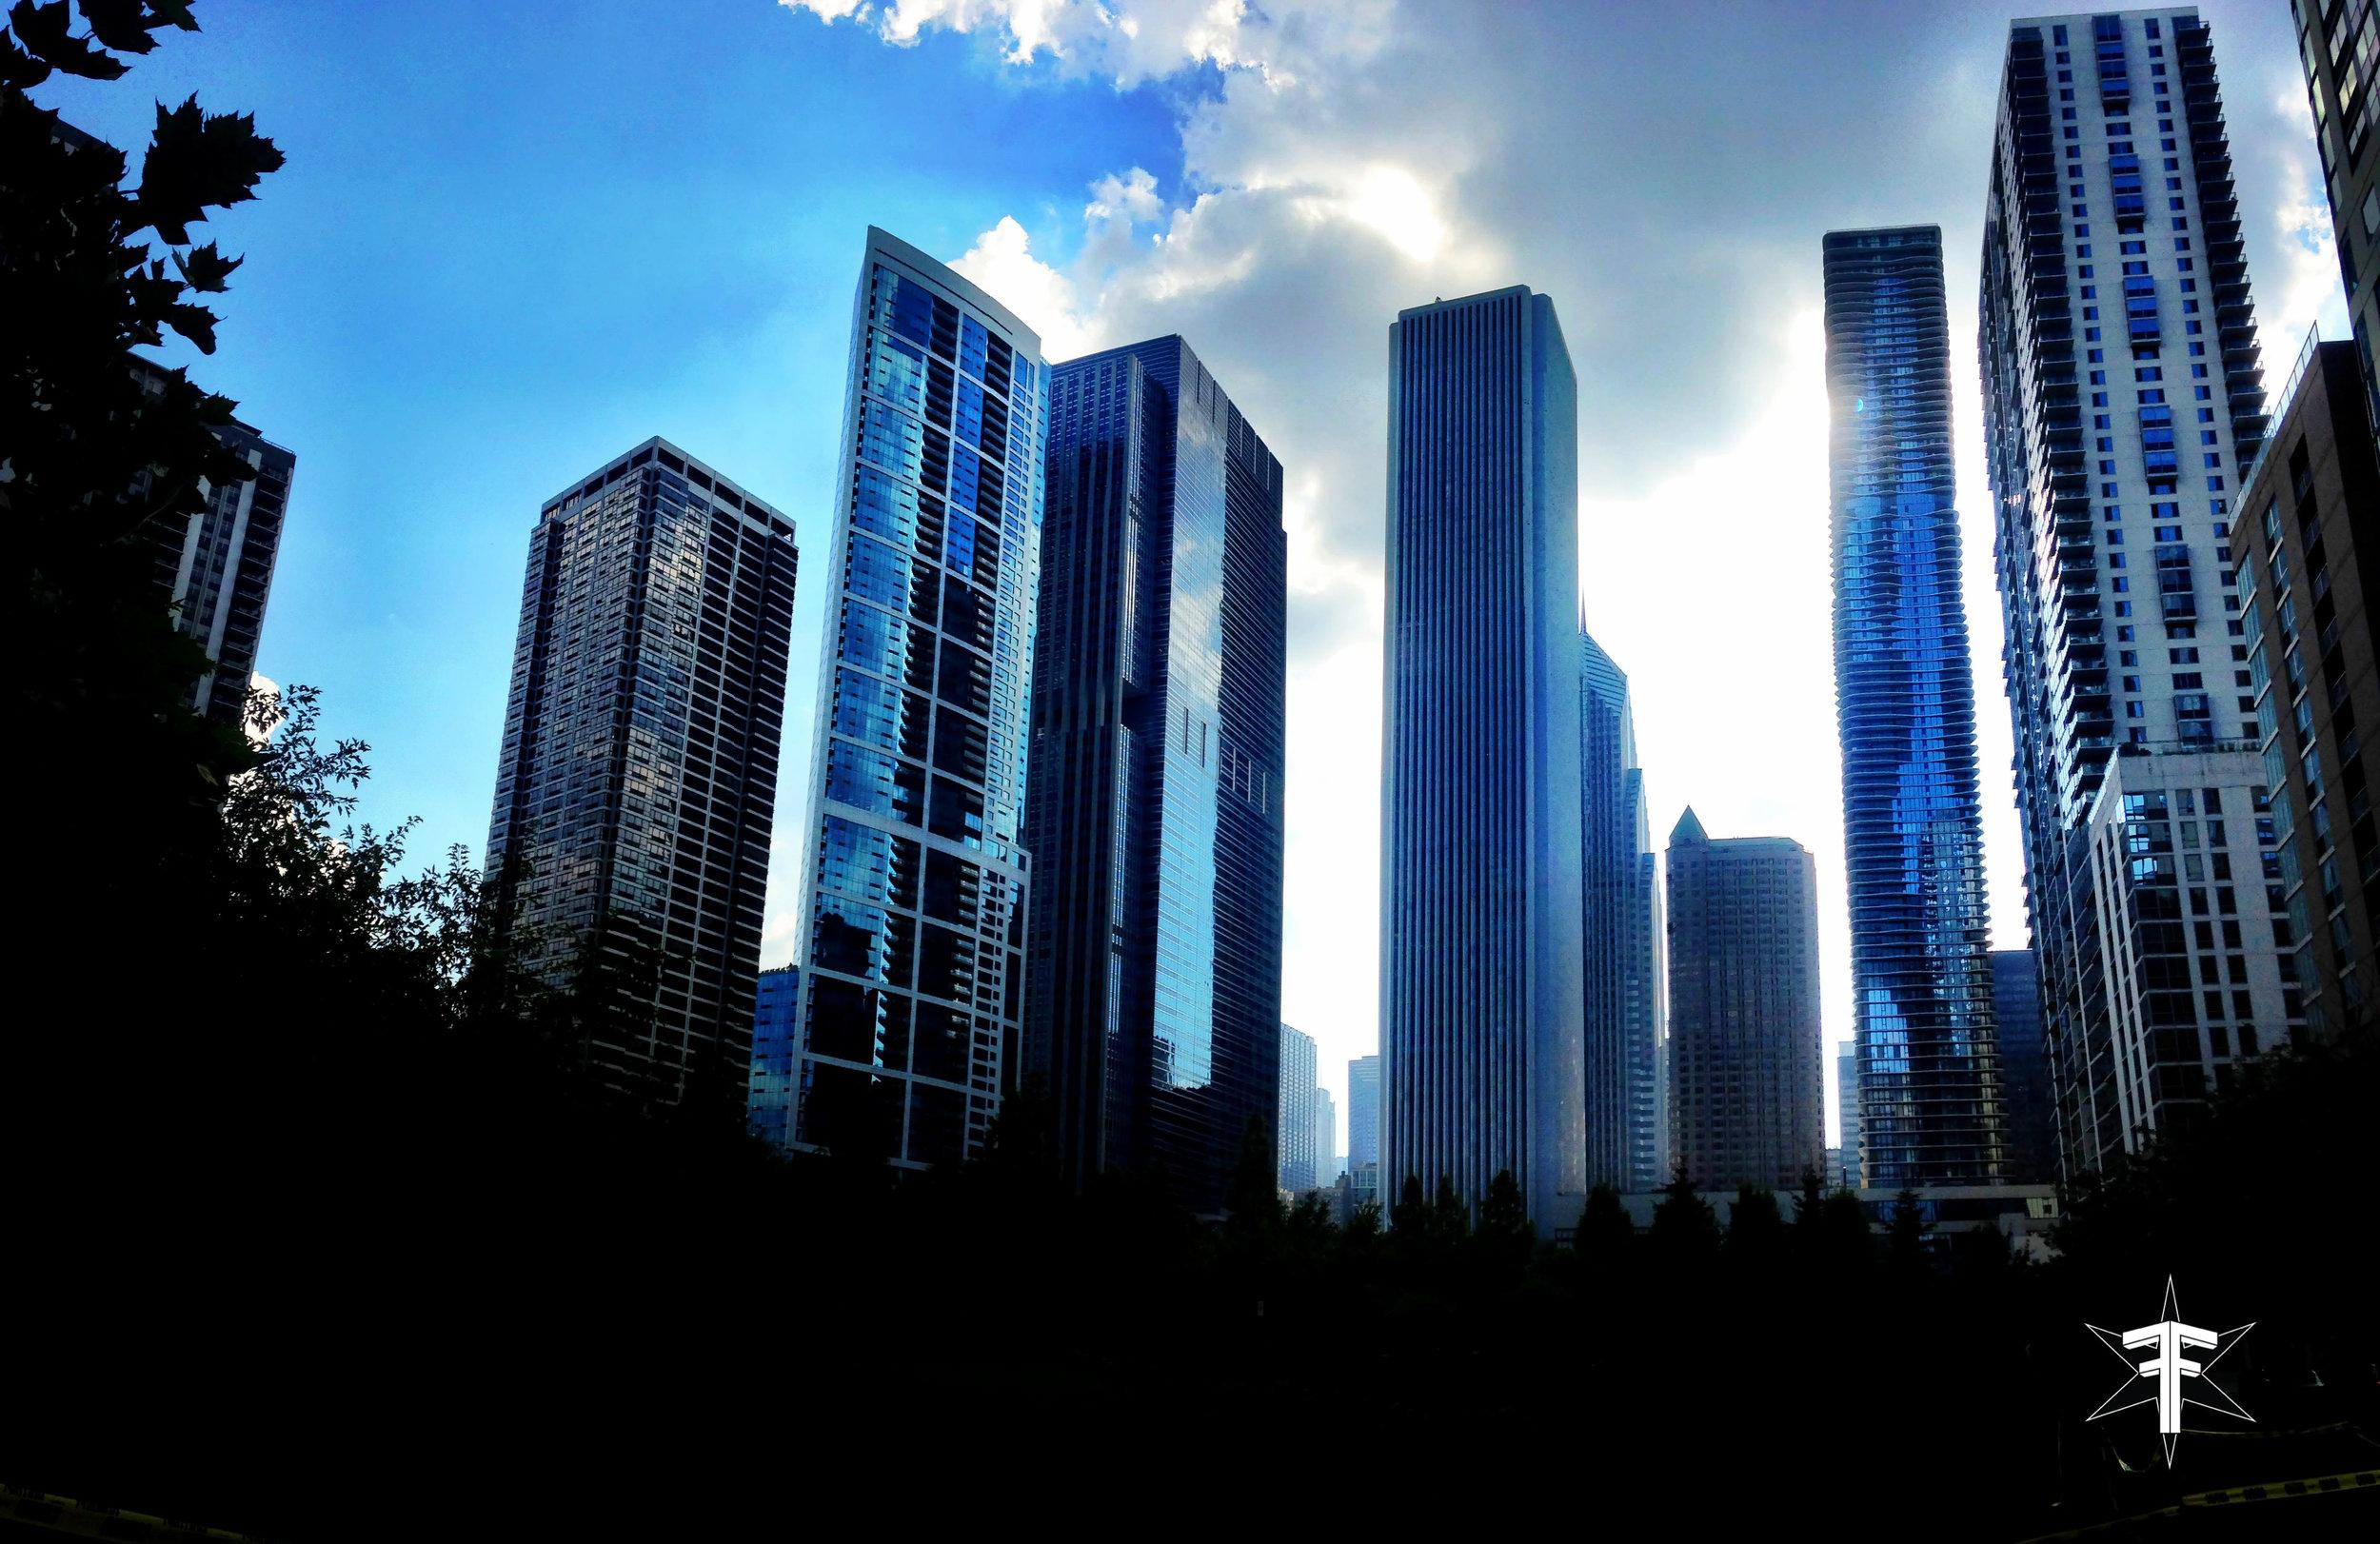 chicago architecture eric formato photography design arquitectura architettura buildings skyscraper skyscrapers-6.jpg